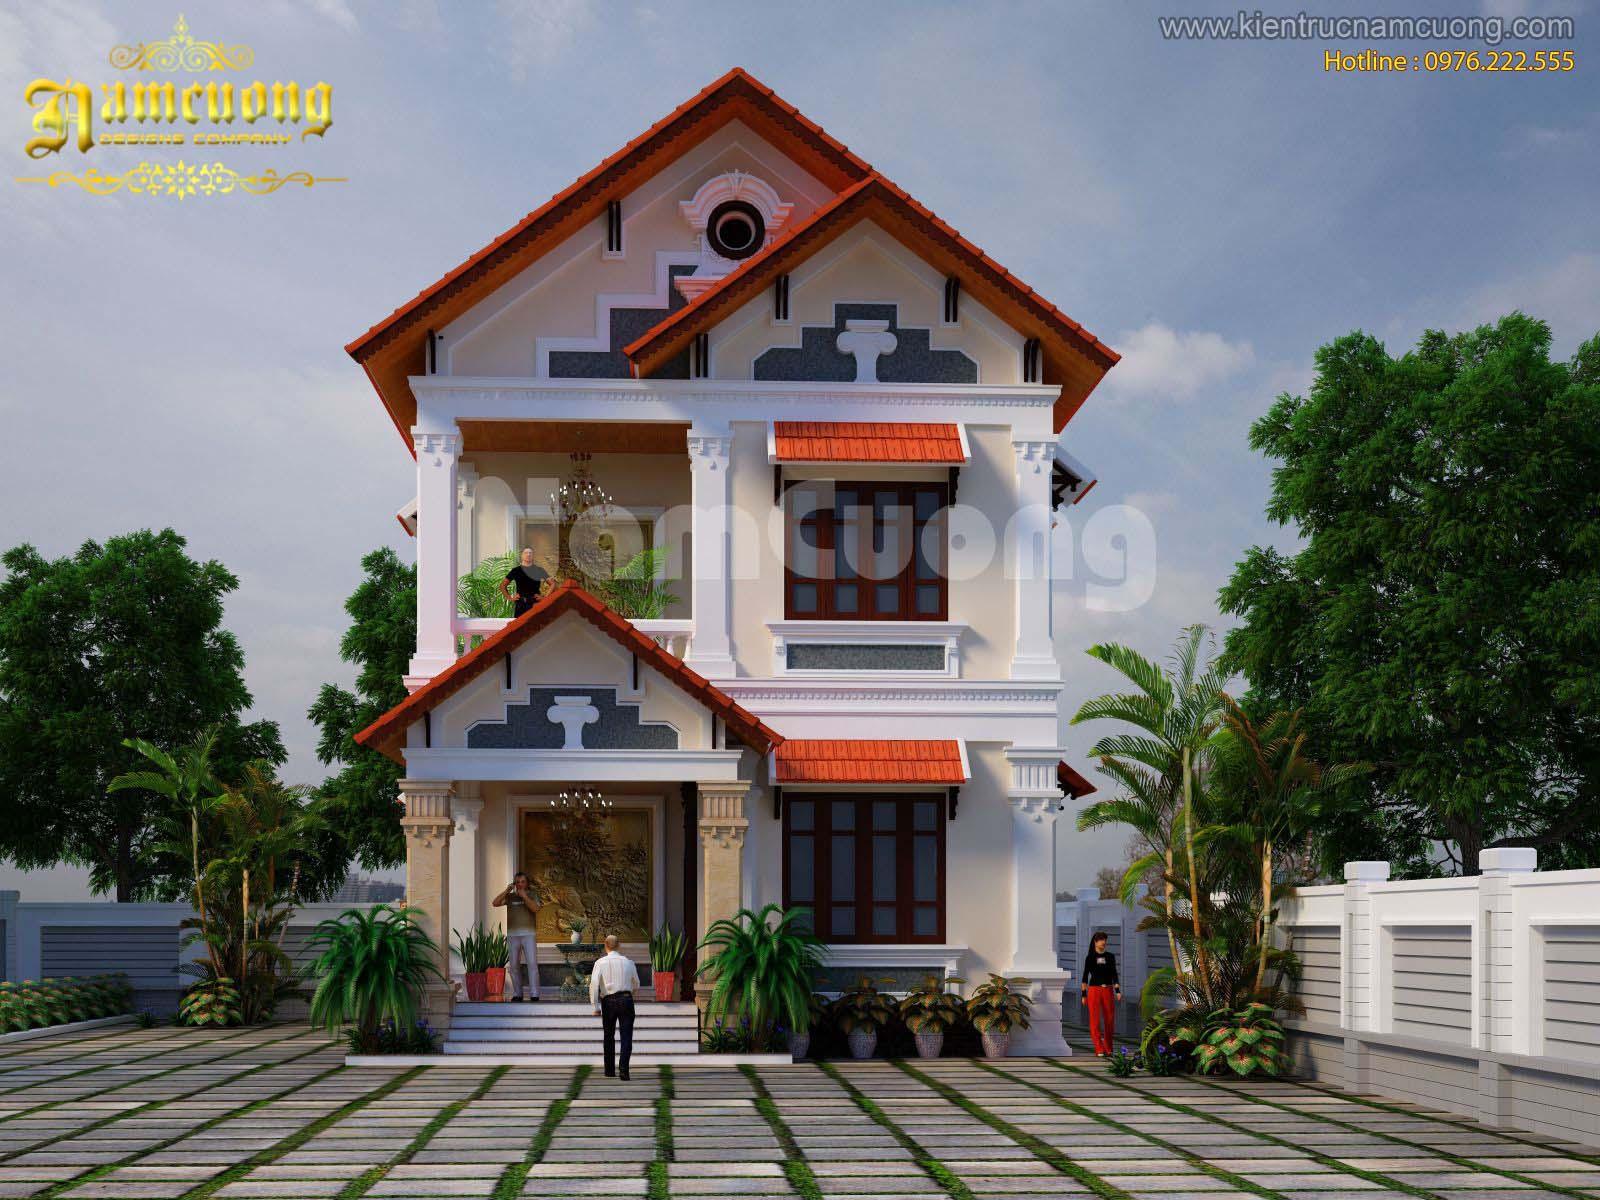 Mẫu biệt thự tân cổ điển 4 phòng ngủ đẹp tại Quảng Ninh